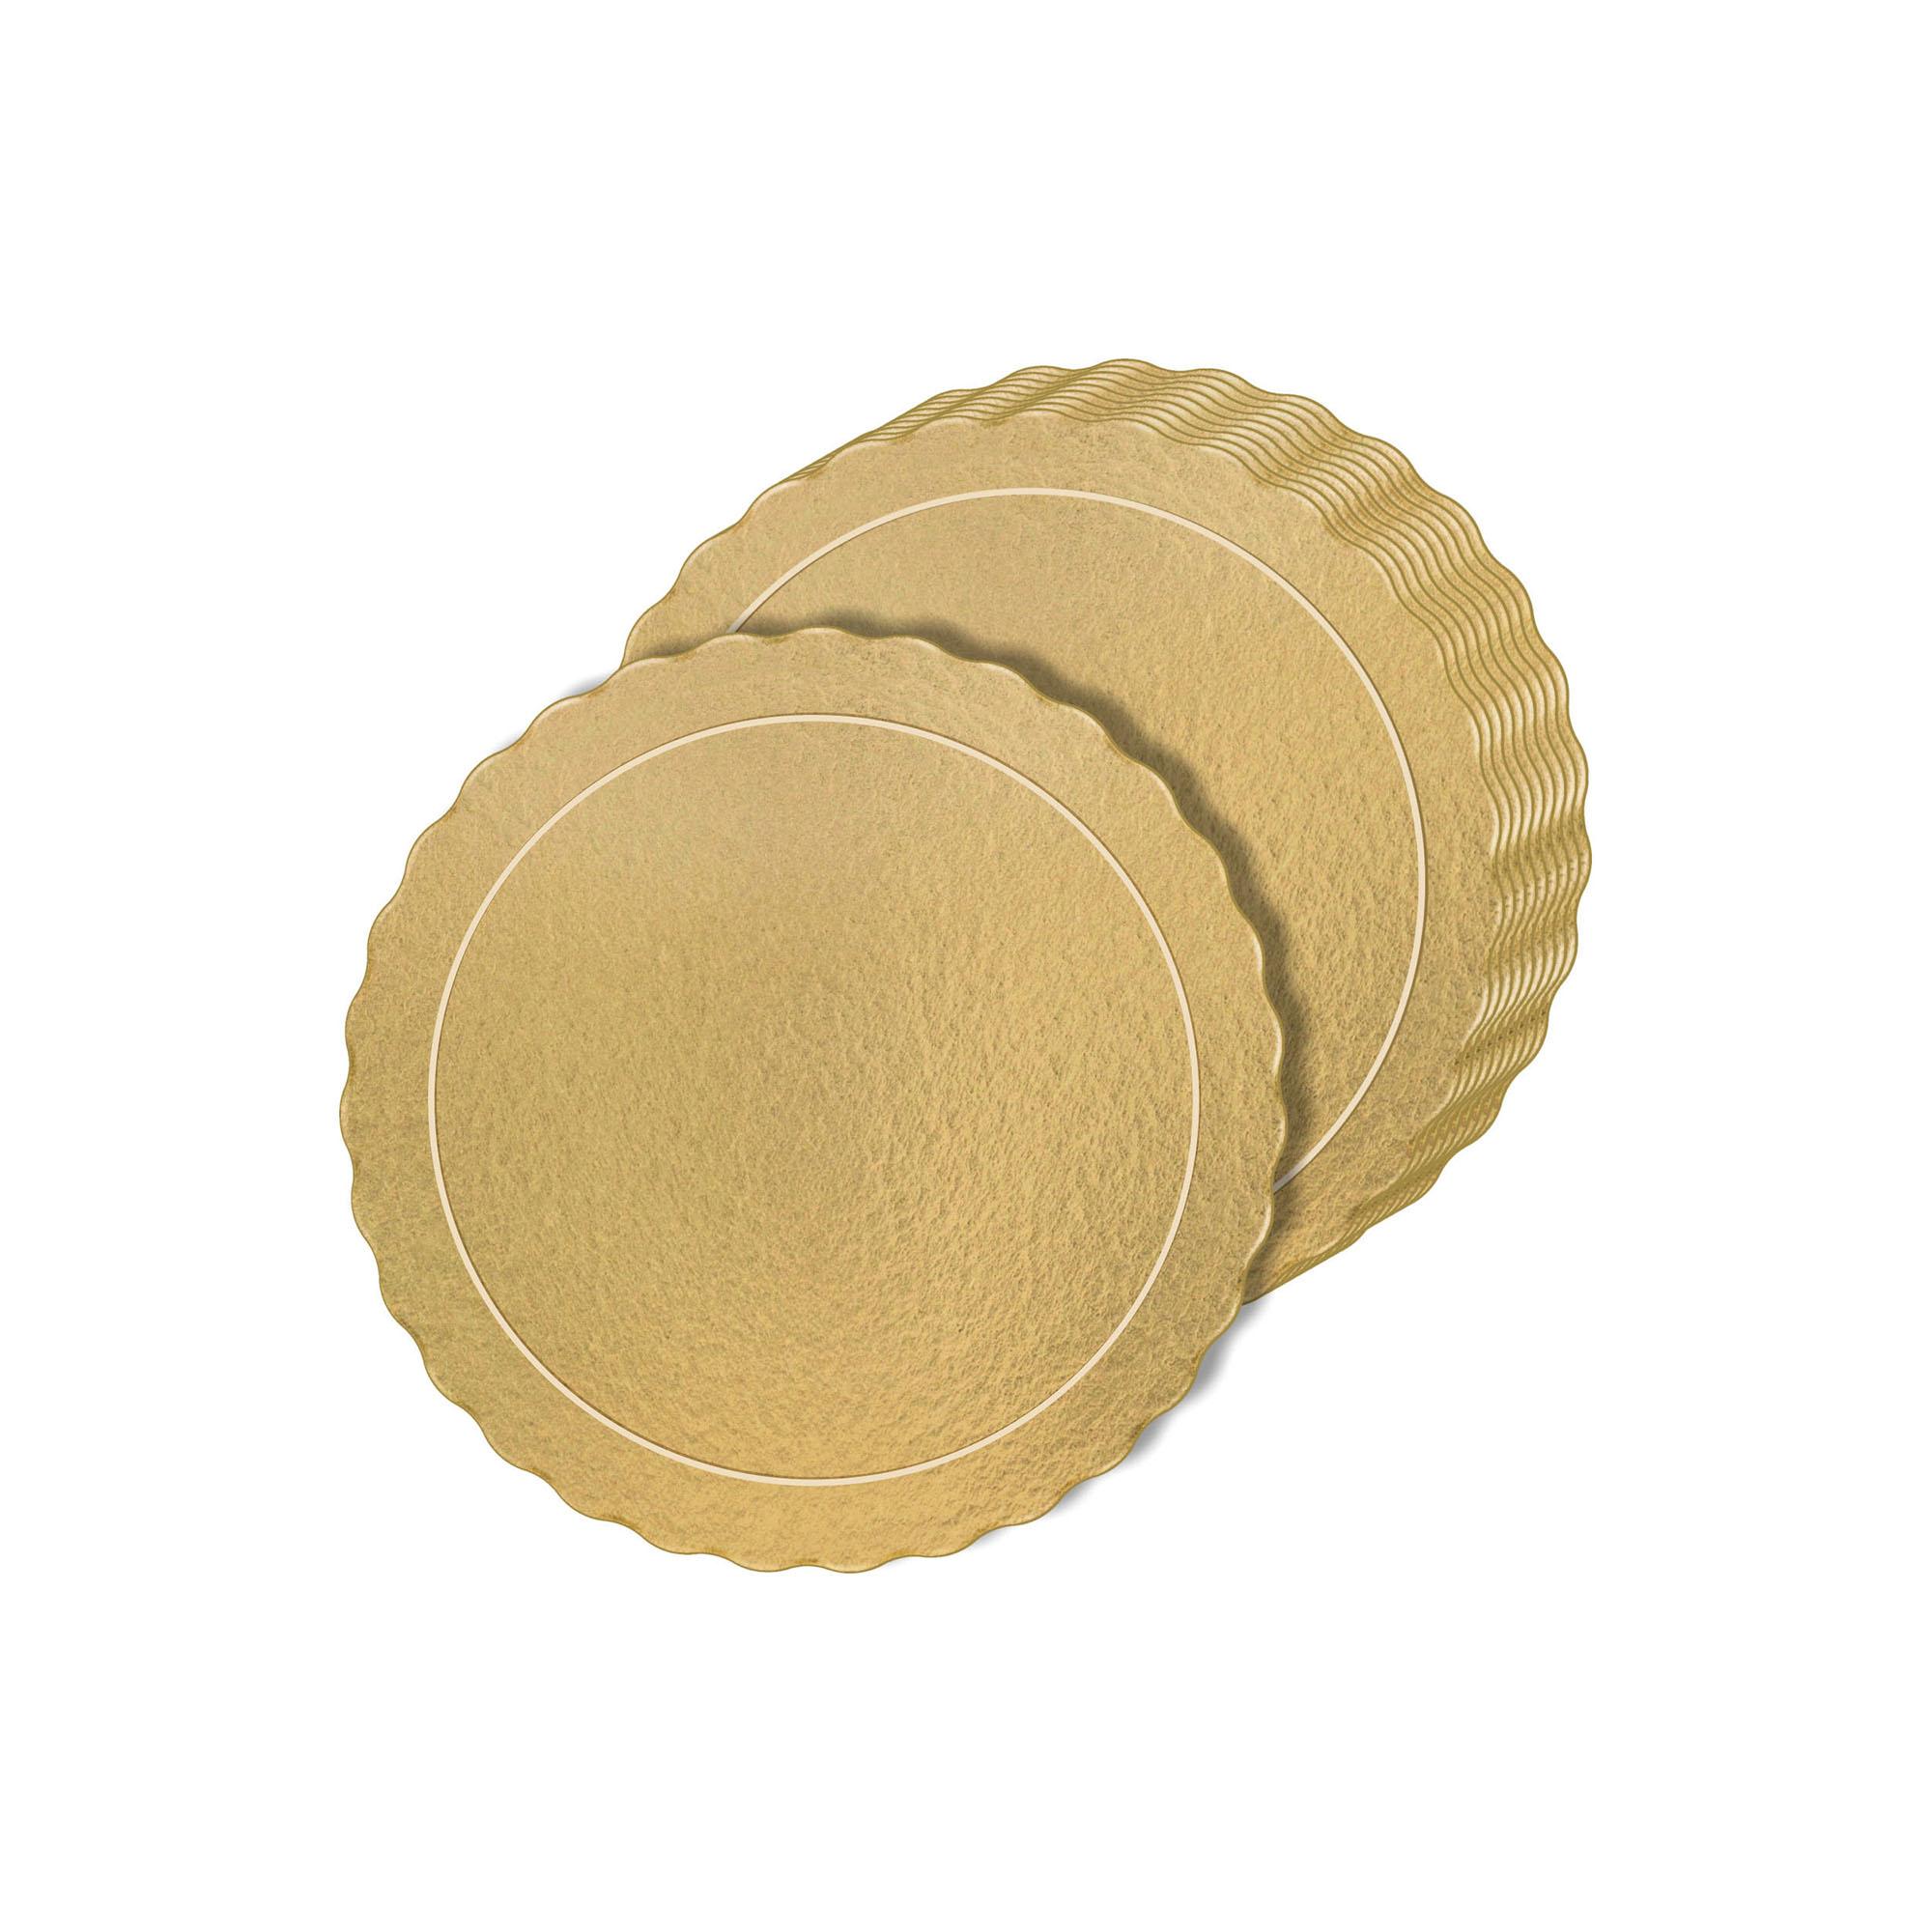 Kit 60 Bases Laminadas Para Bolo, Cake Board, 25 e 30cm - Ouro